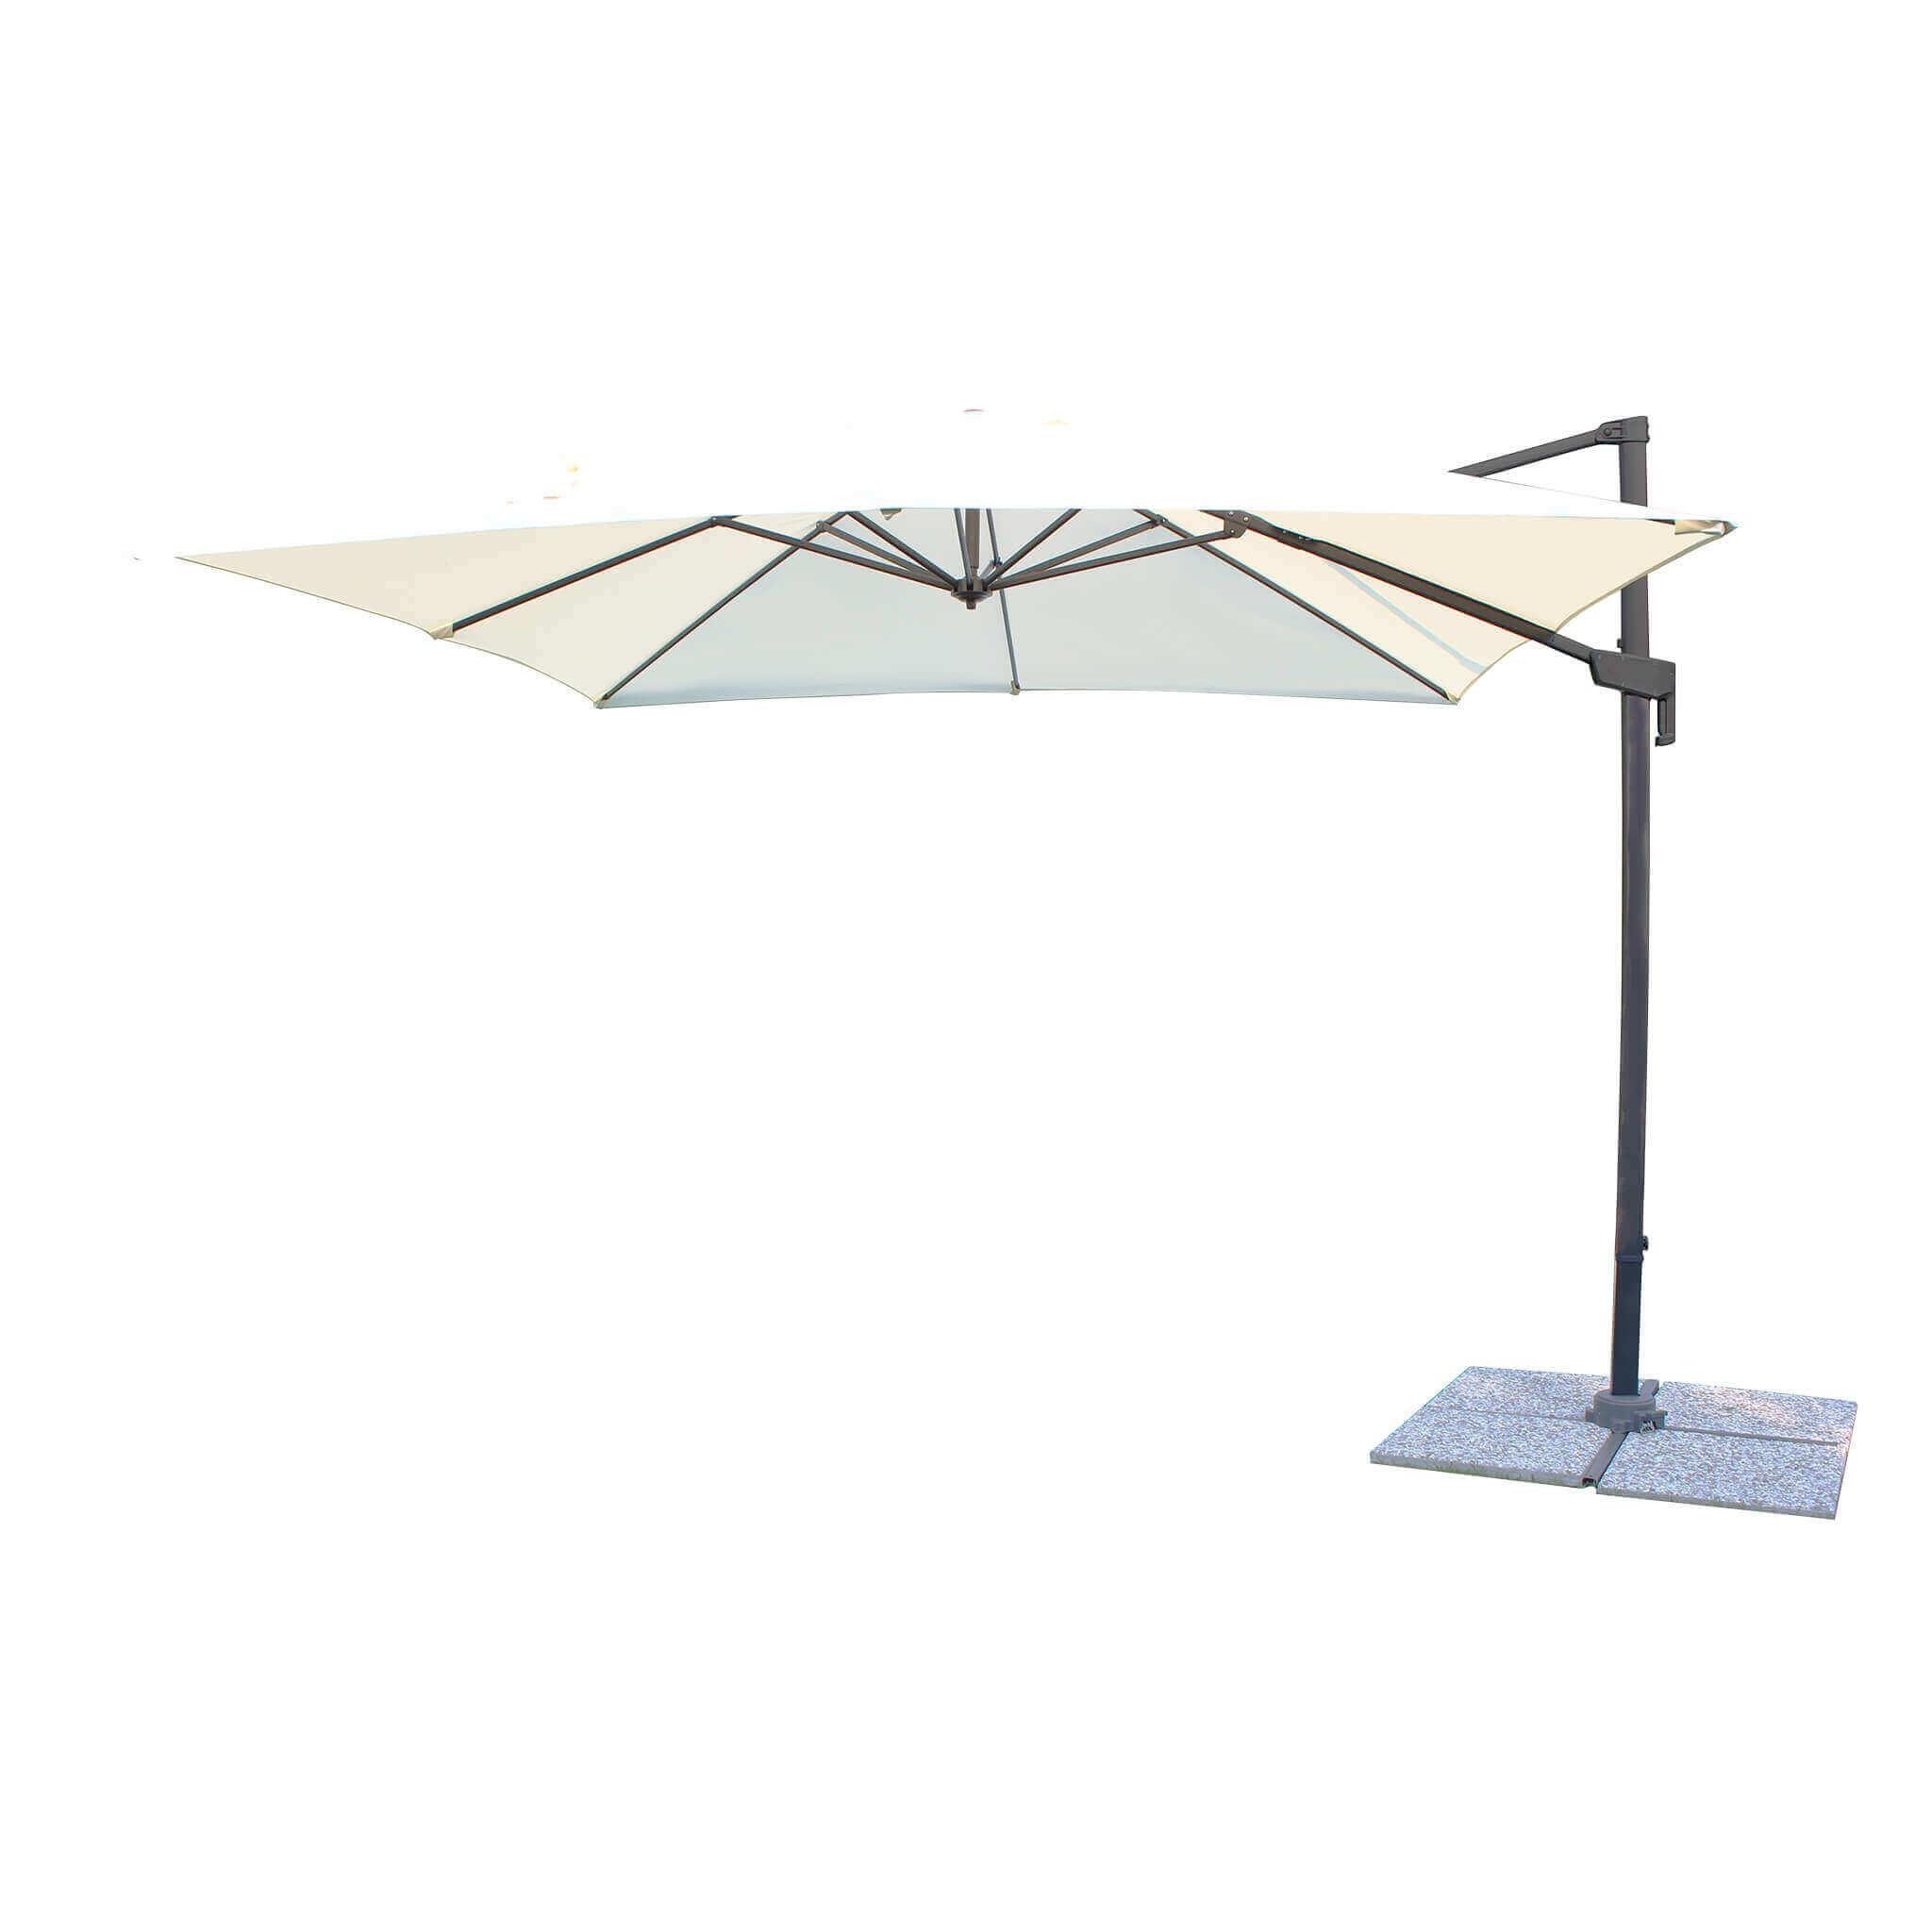 milani home volta - ombrellone da giardino decentrato 3x3